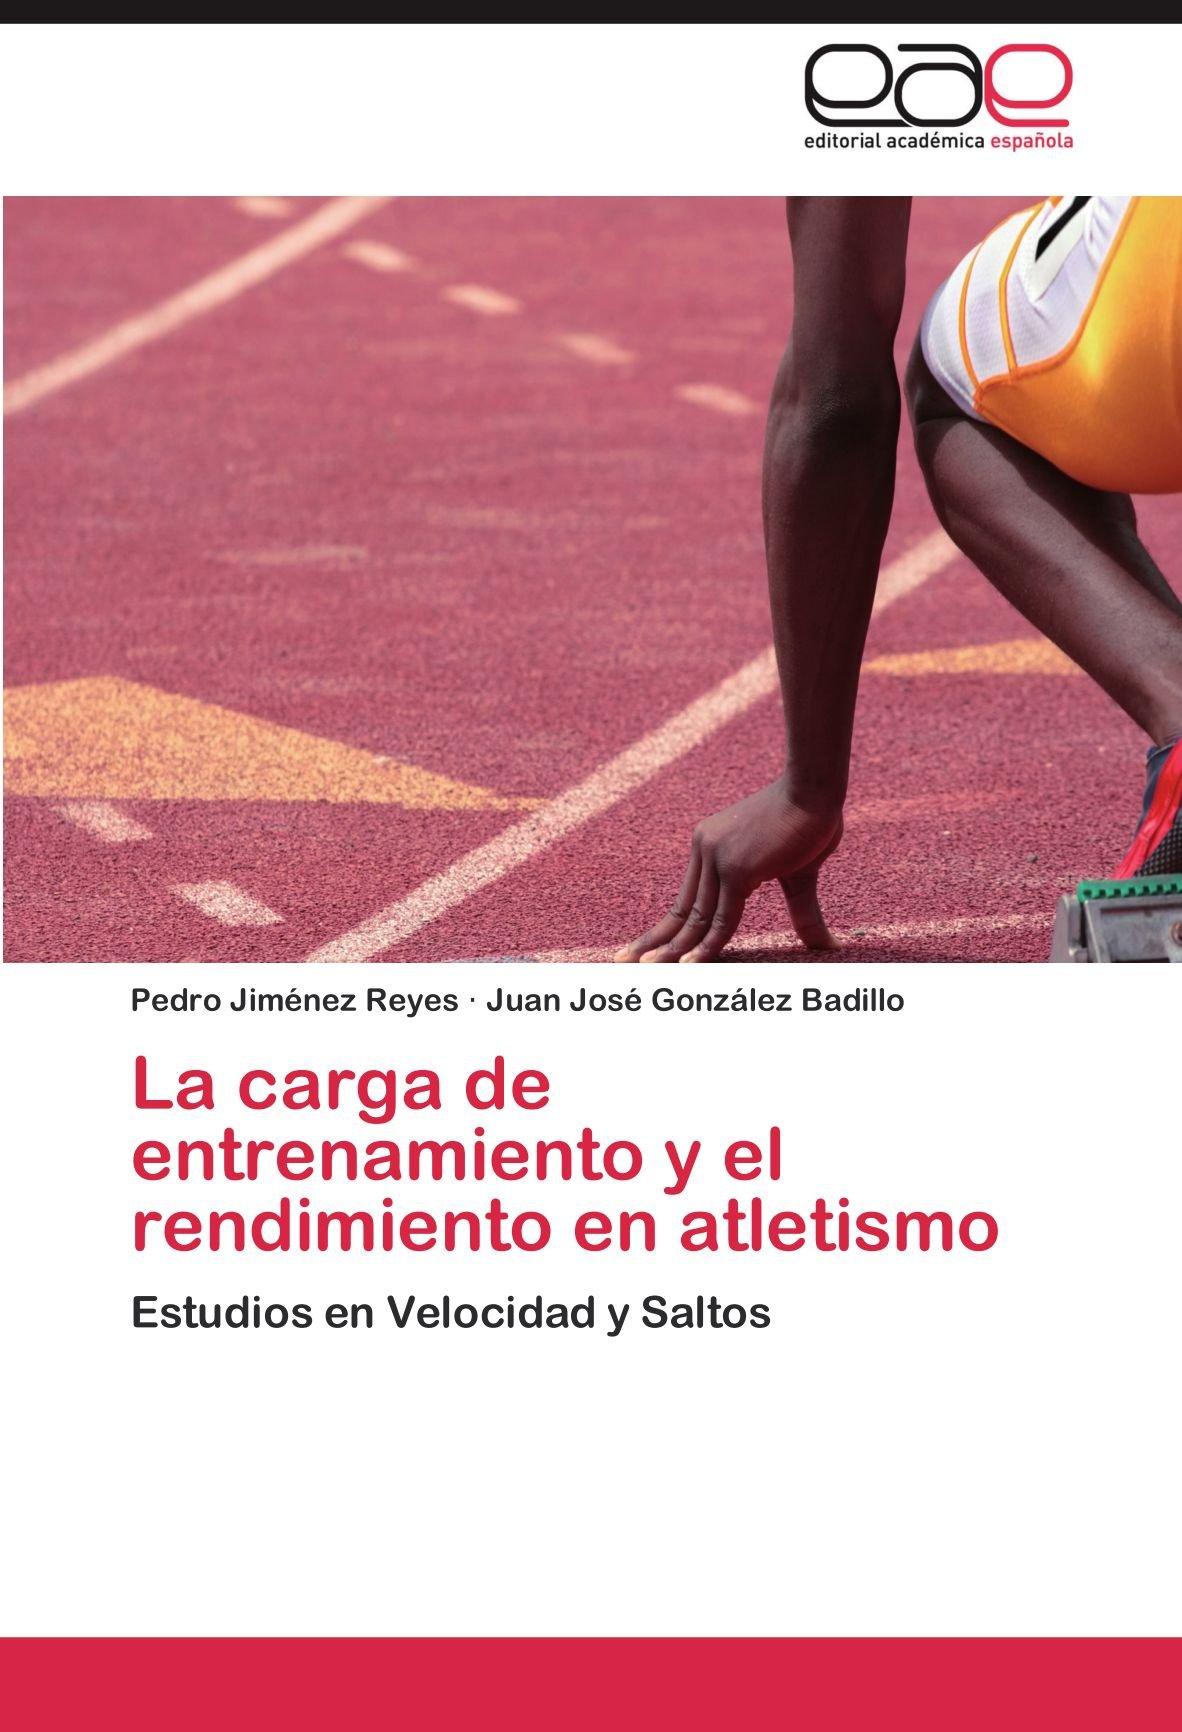 La carga de entrenamiento y el rendimiento en atletismo: Amazon.es: Jiménez Reyes Pedro, Gonzalez Badillo Juan José: Libros